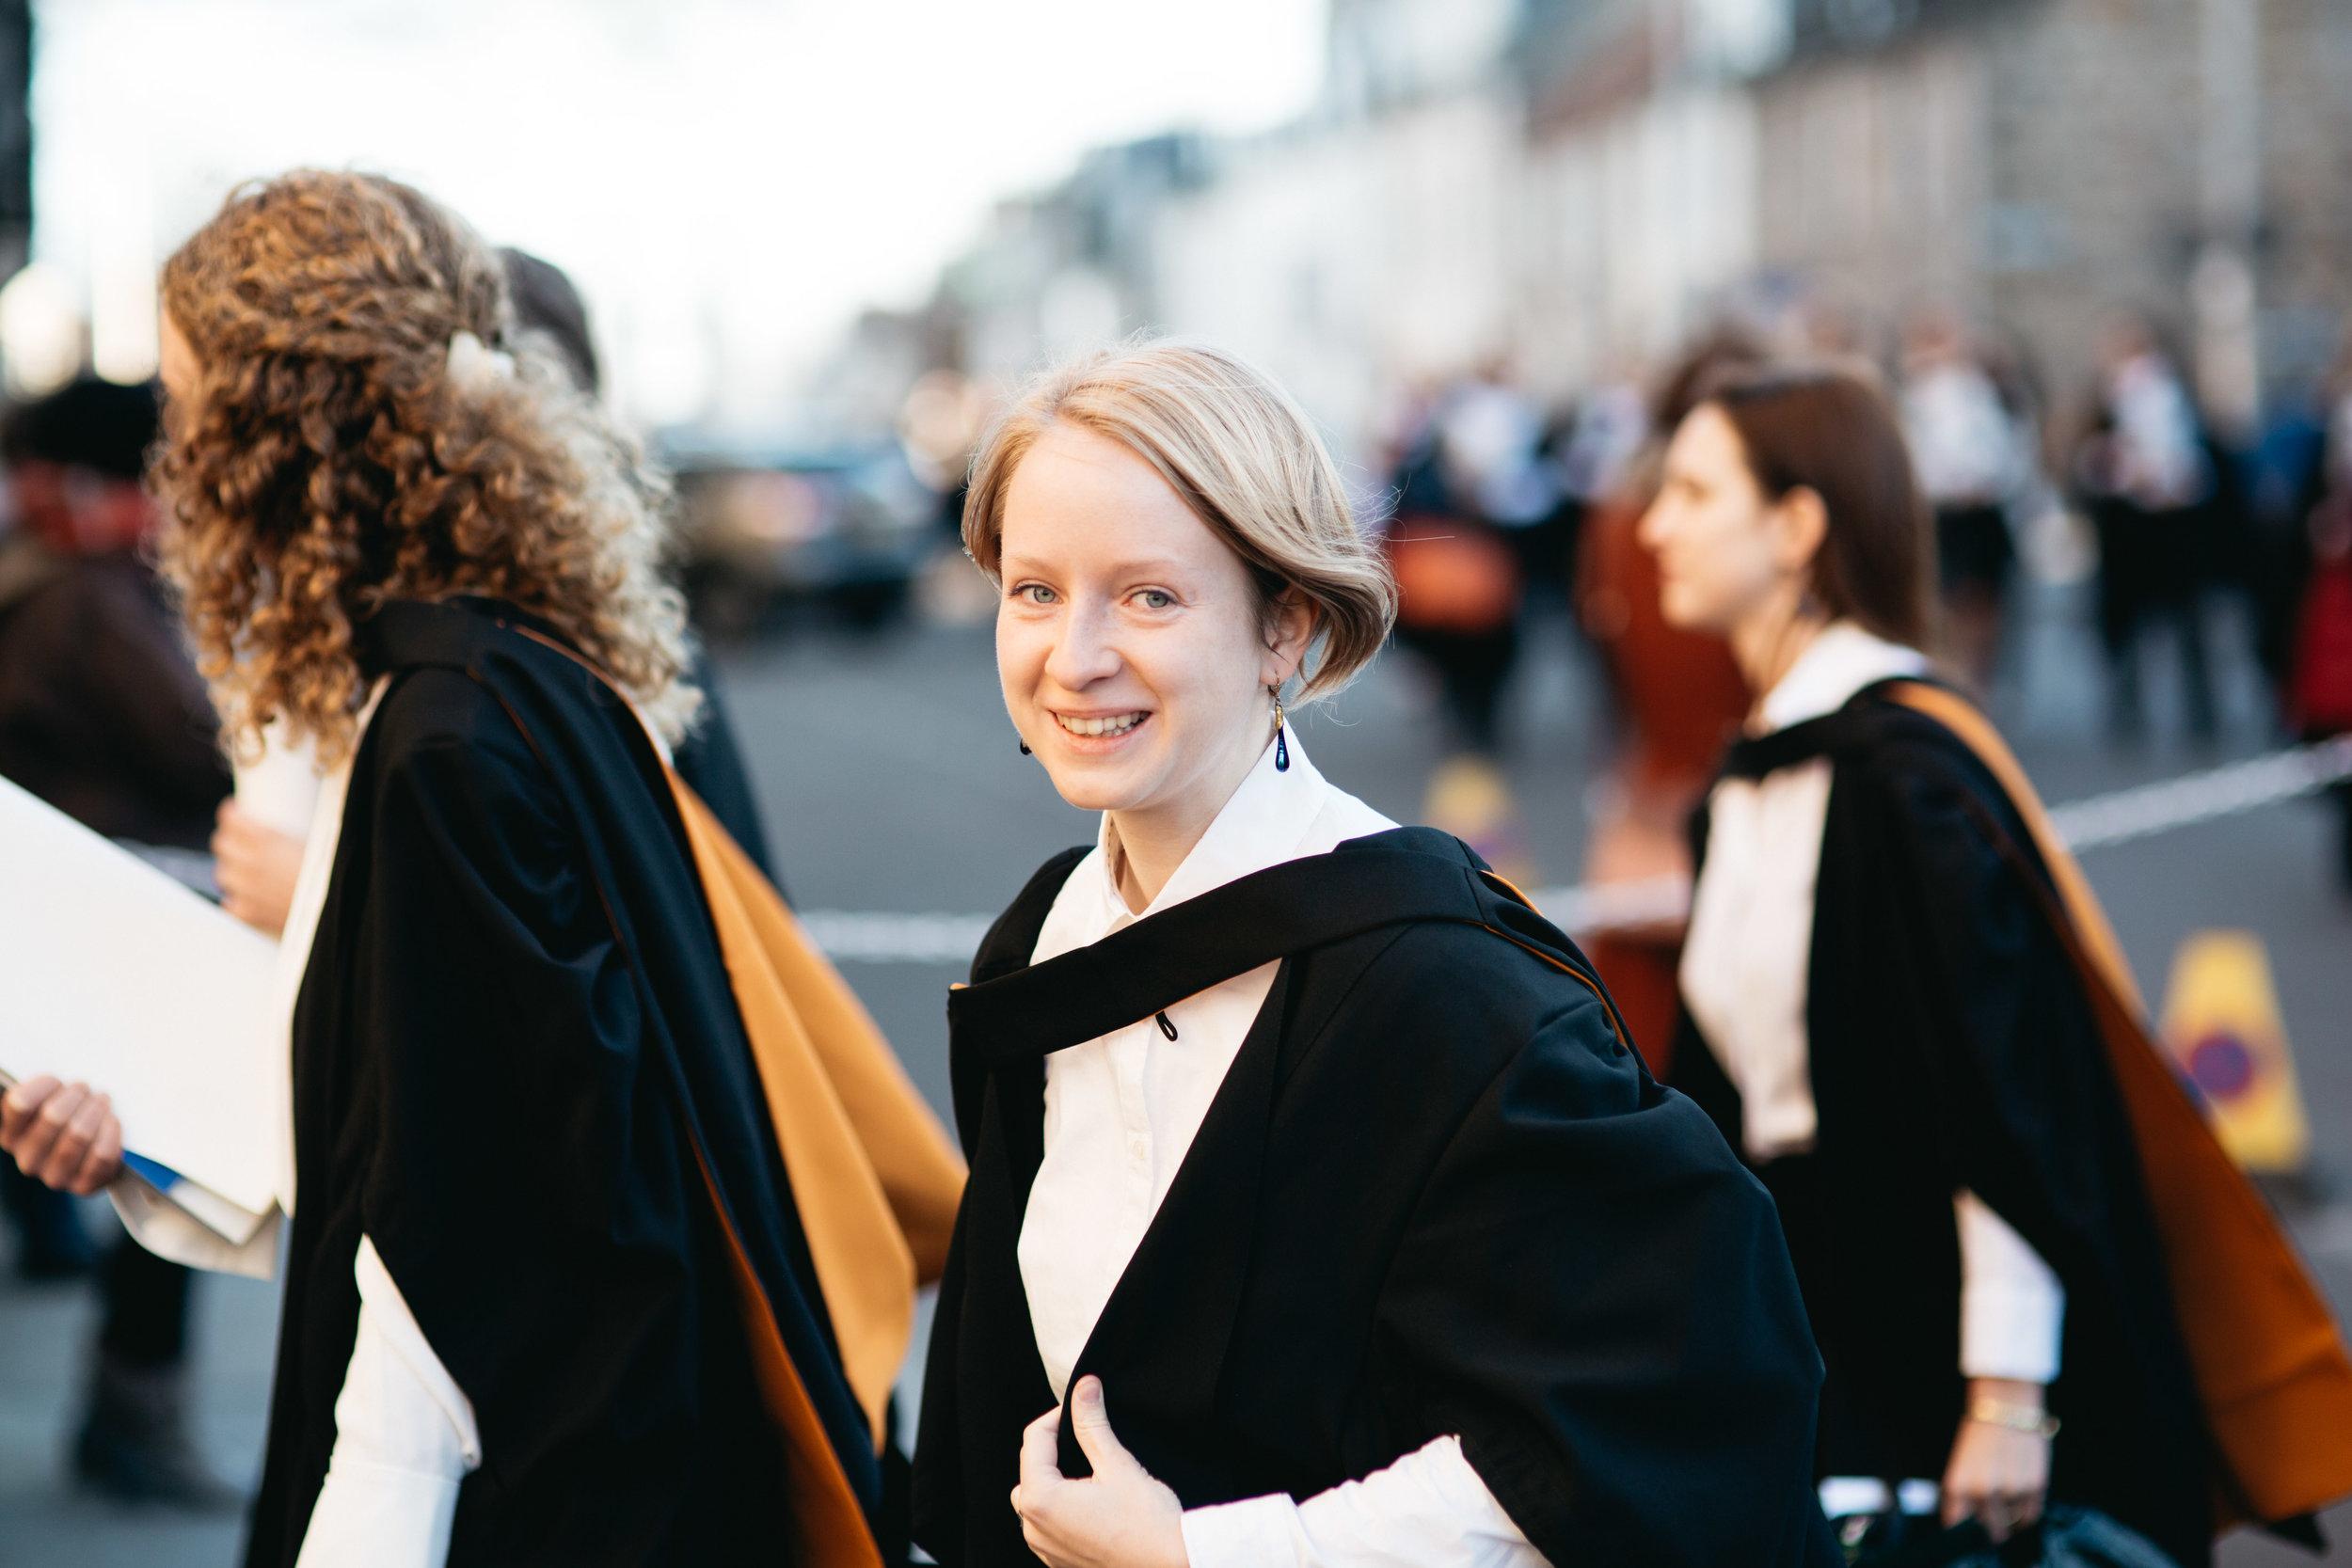 Kat Graduation (3 of 24).jpg